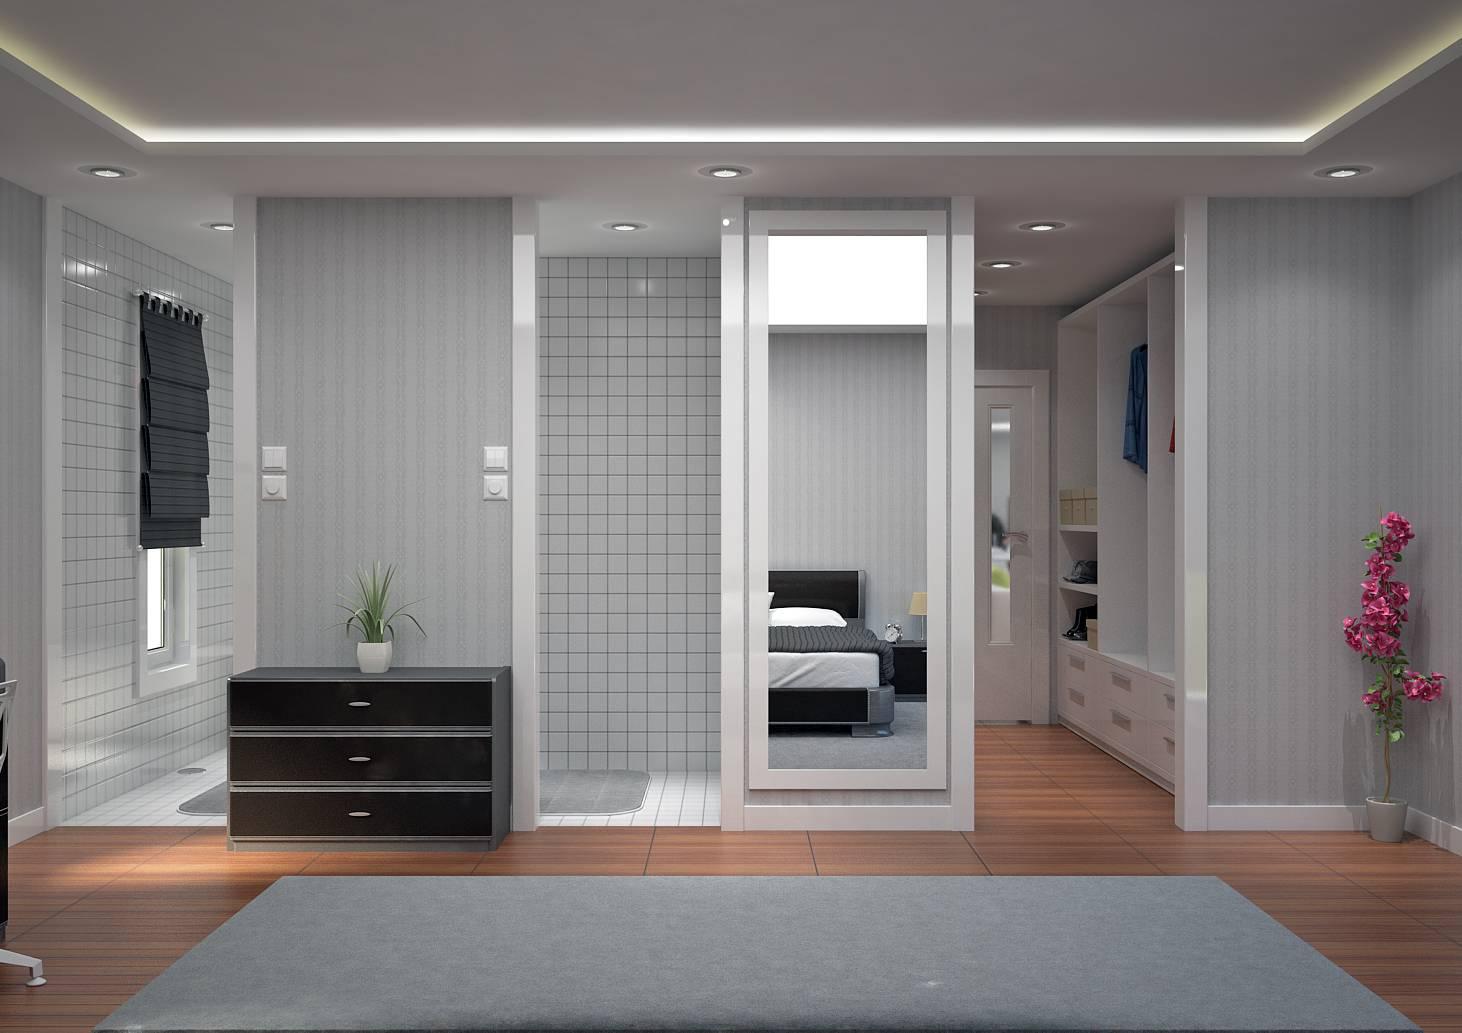 Villa contemporaine 150 m2 etage mod le pinede salon for Constructeur maison contemporaine 08